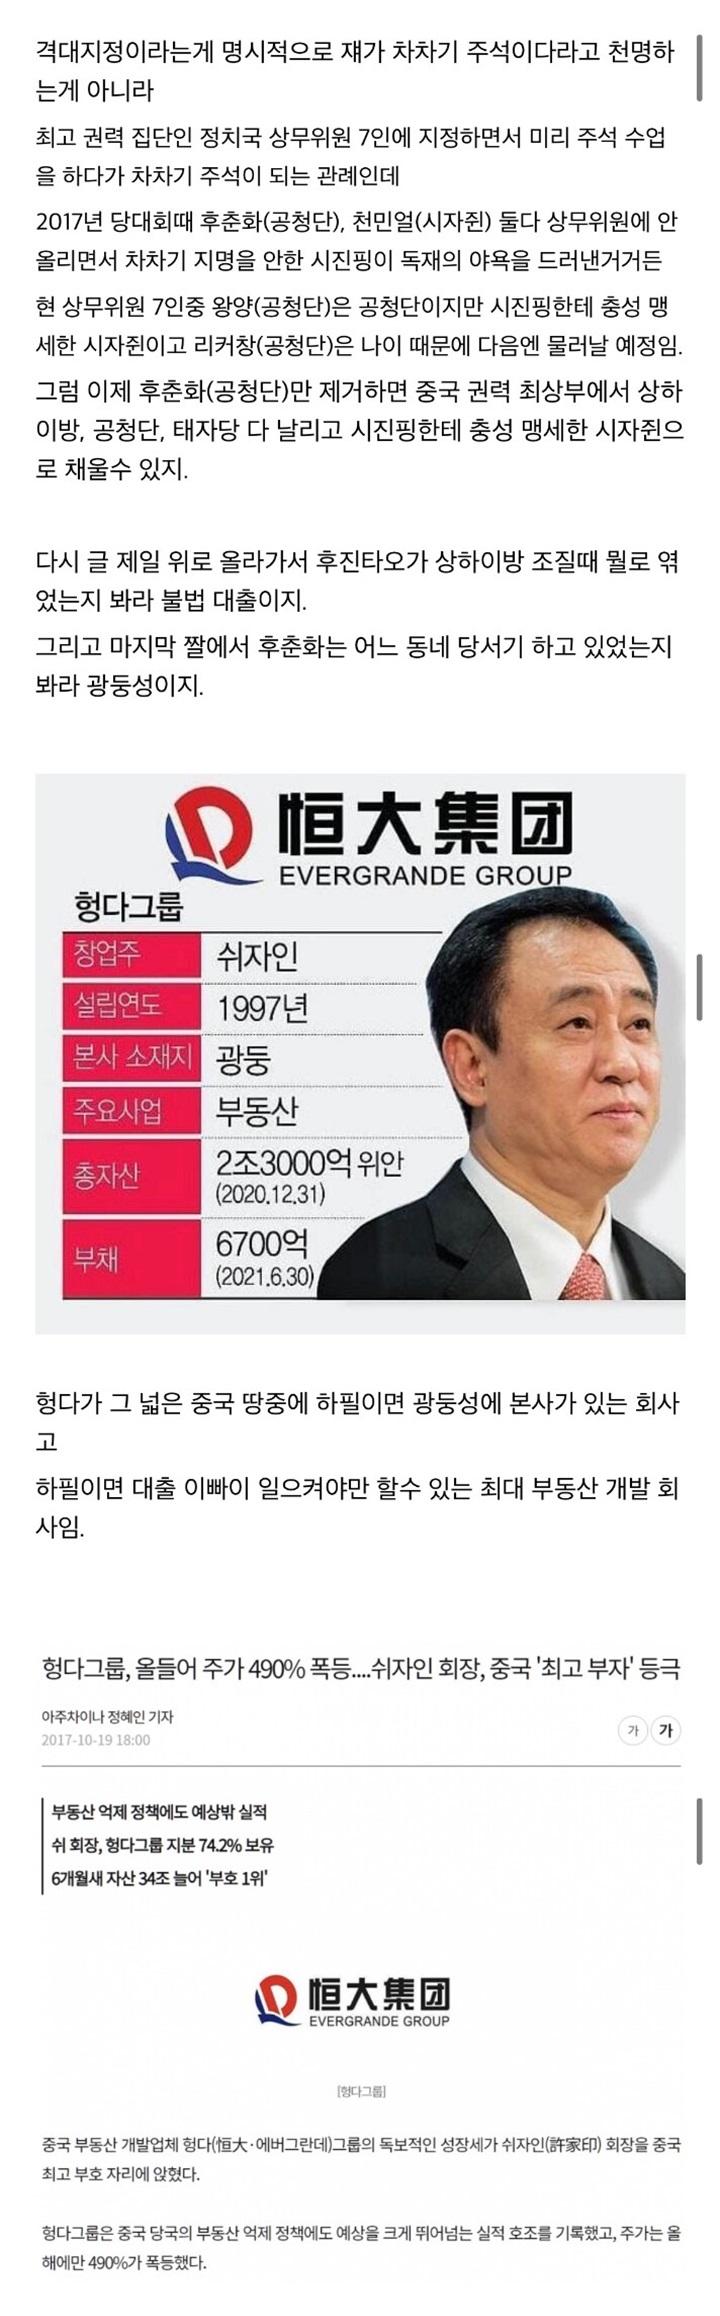 중국 헝다 그룹 사태 3